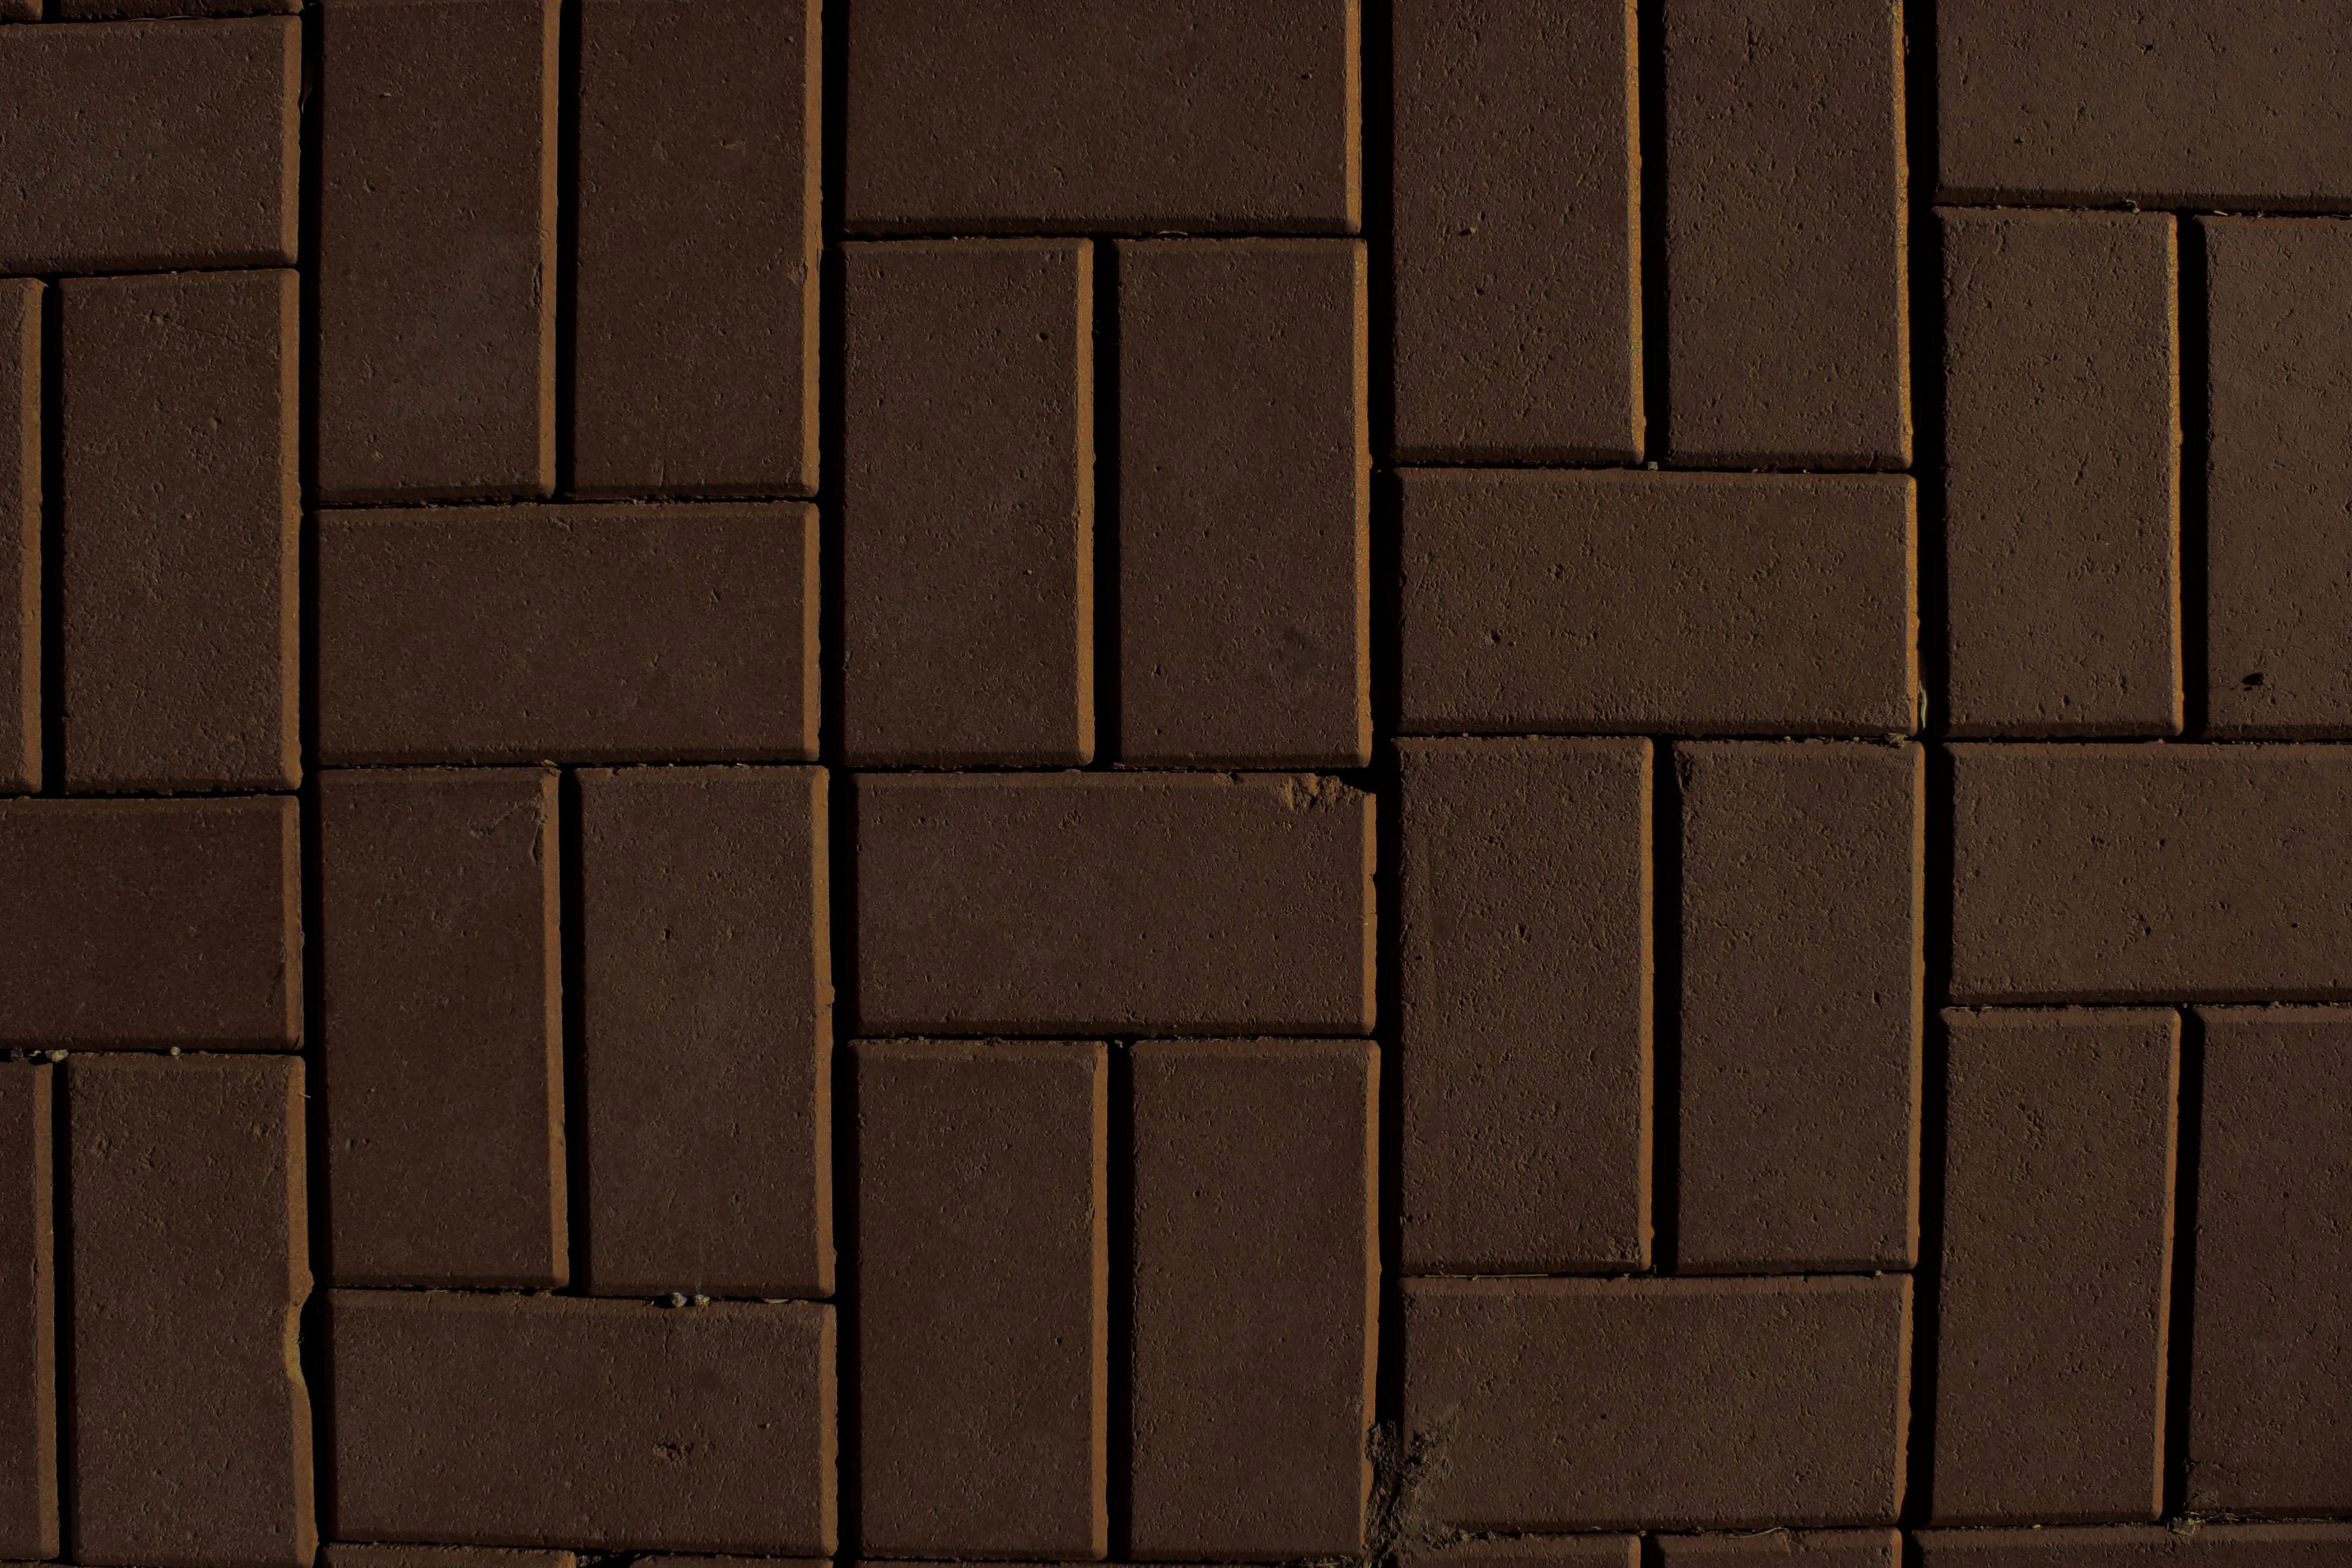 Imagen gratis marrn pared de ladrillos adoquines